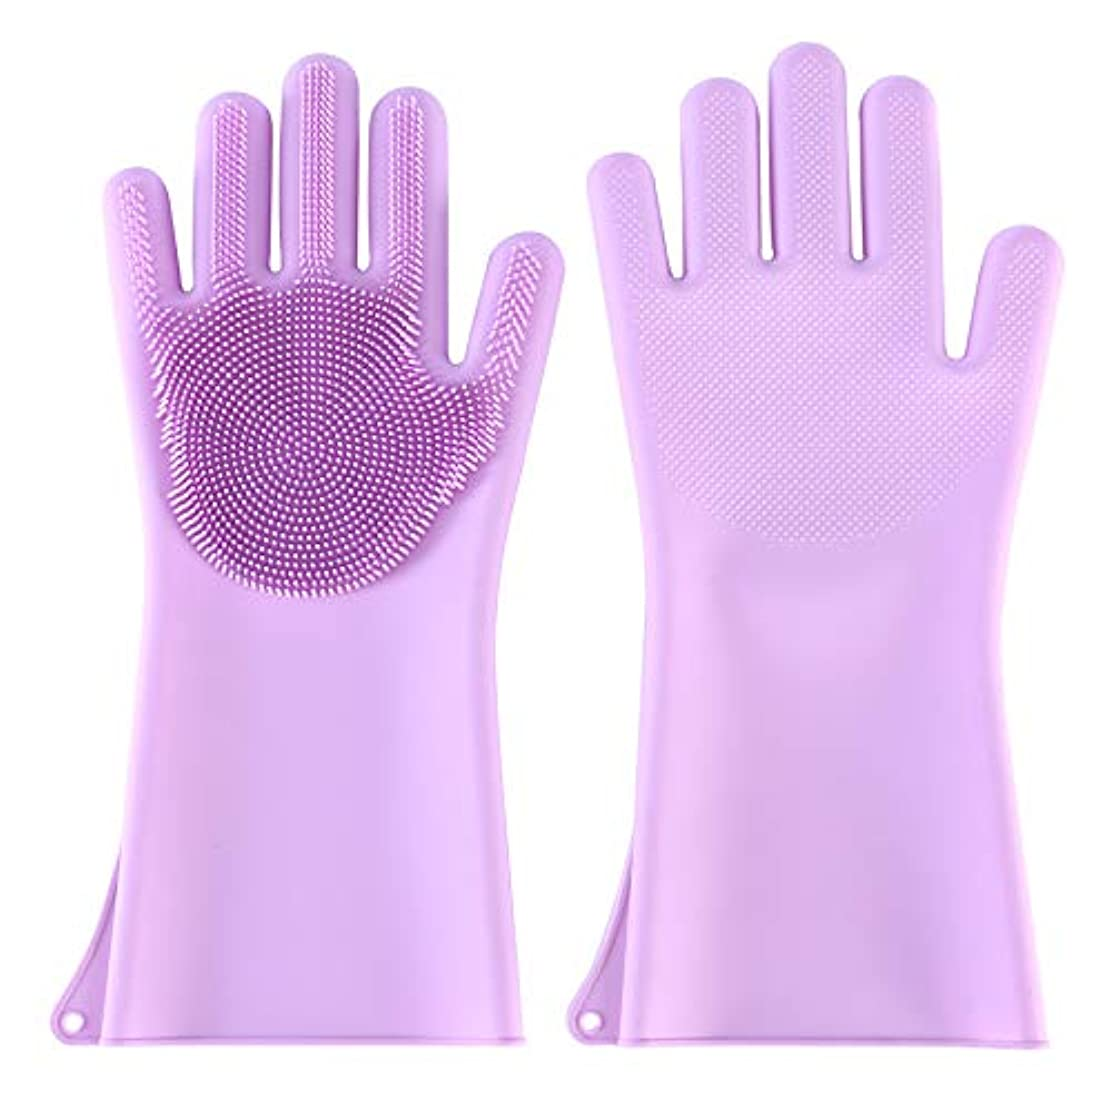 受付酔った祝福するBTXXYJP ペット ブラシ 手袋 猫 ブラシ グローブ 耐摩耗 クリーナー 抜け毛取り マッサージブラシ 犬 グローブ お手入れ (Color : Purple)